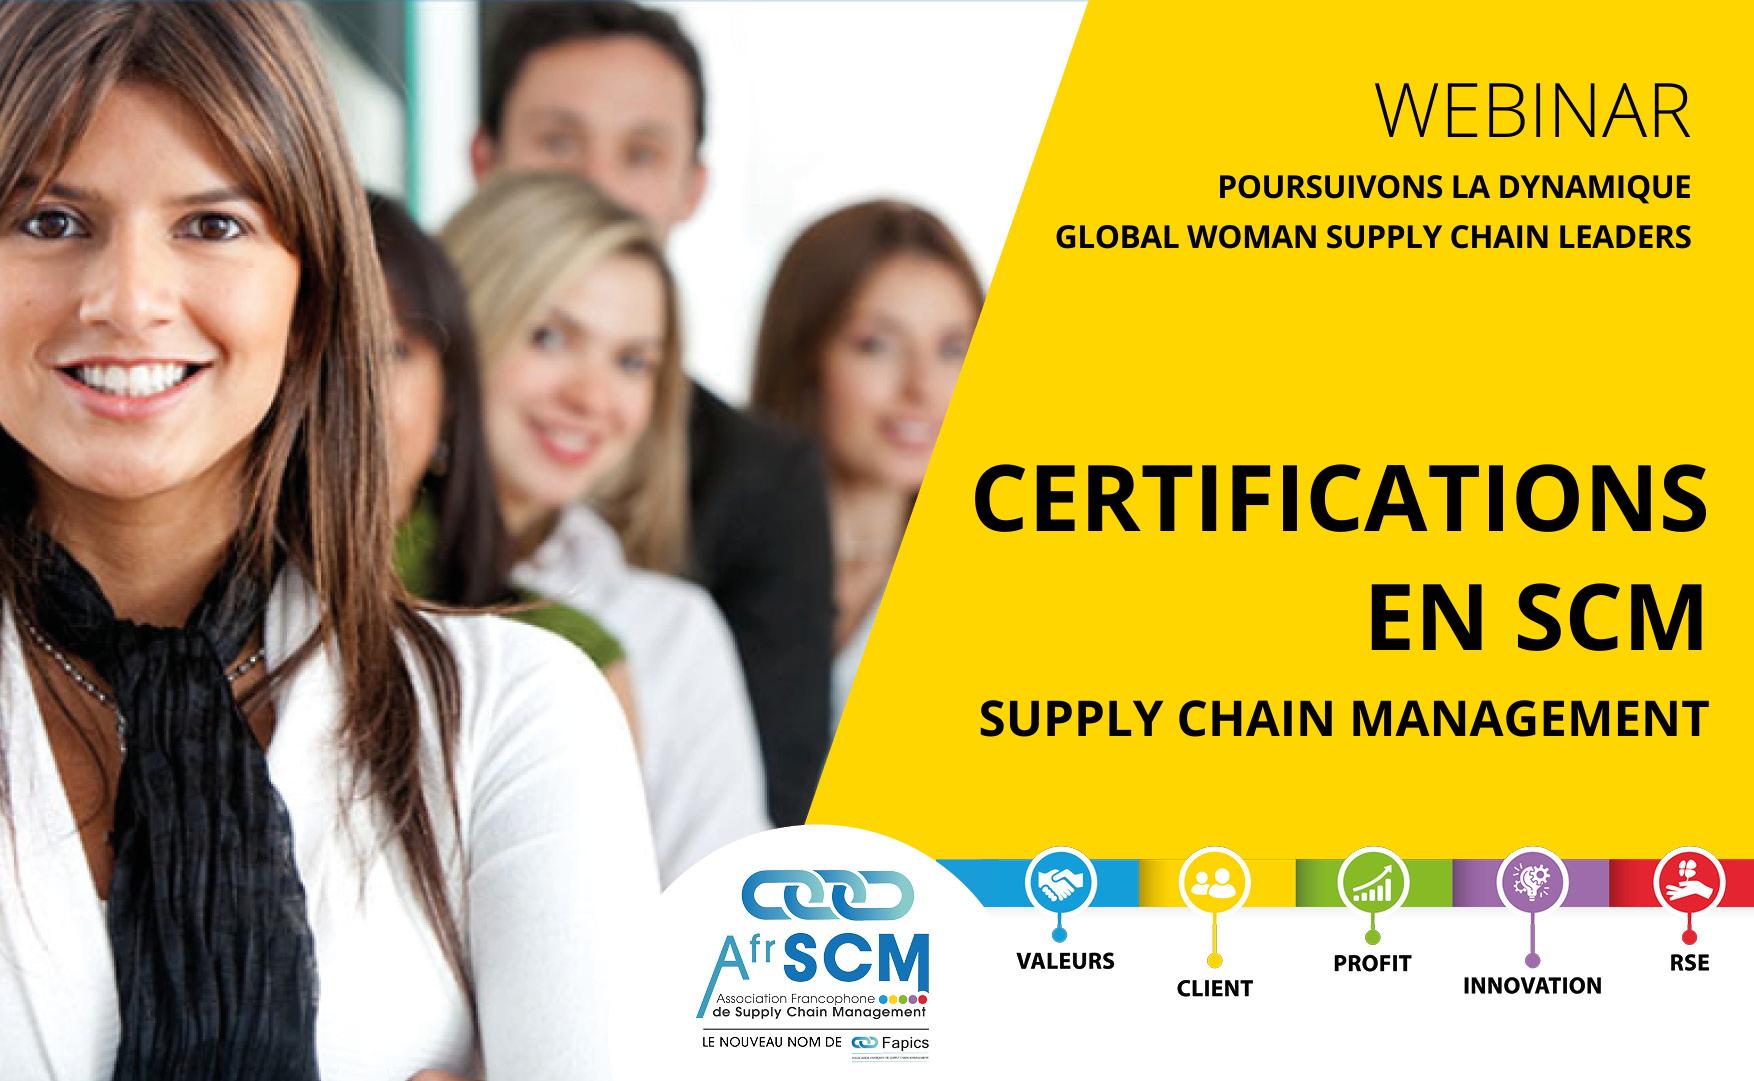 Webinar GWSCL - Certification